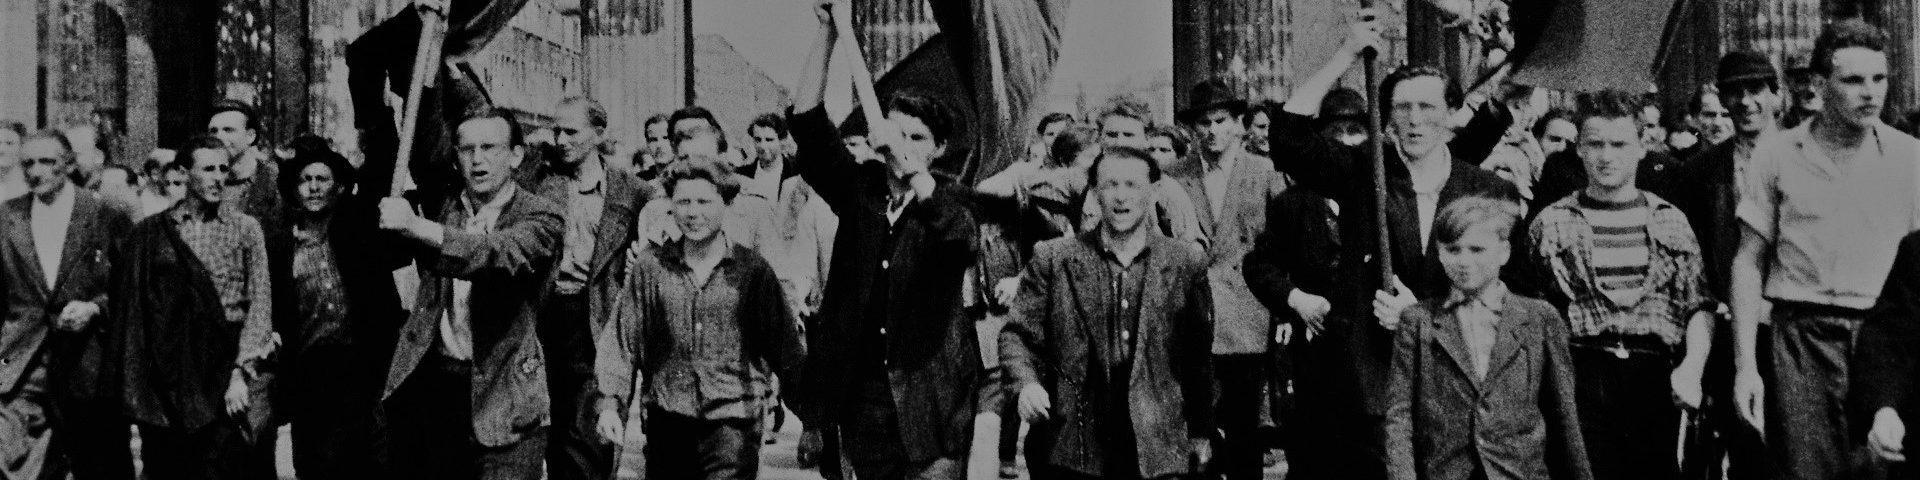 »Wir wollen freie Menschen sein« | Der DDR-Volksaufstand vom 17. Juni 1953